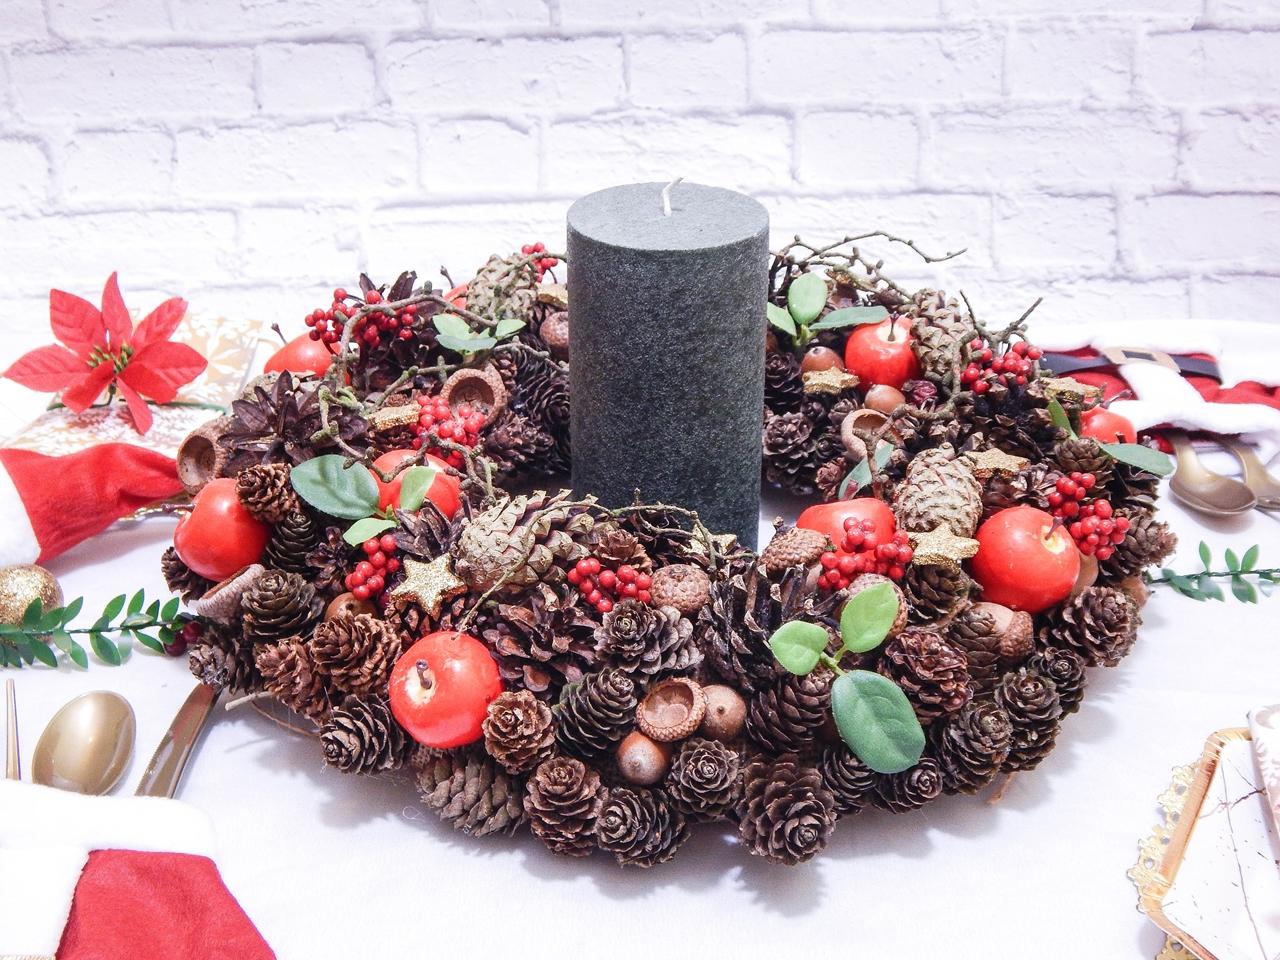 4 dekoracja świątecznego stołu jak udekorować stół na boże narodzenie dekoracja kolacja wigilijna dekoracja stroik na stół wigilijny wianek świeczka mikołajowe ubrania na butelki mikołaje na sztućce